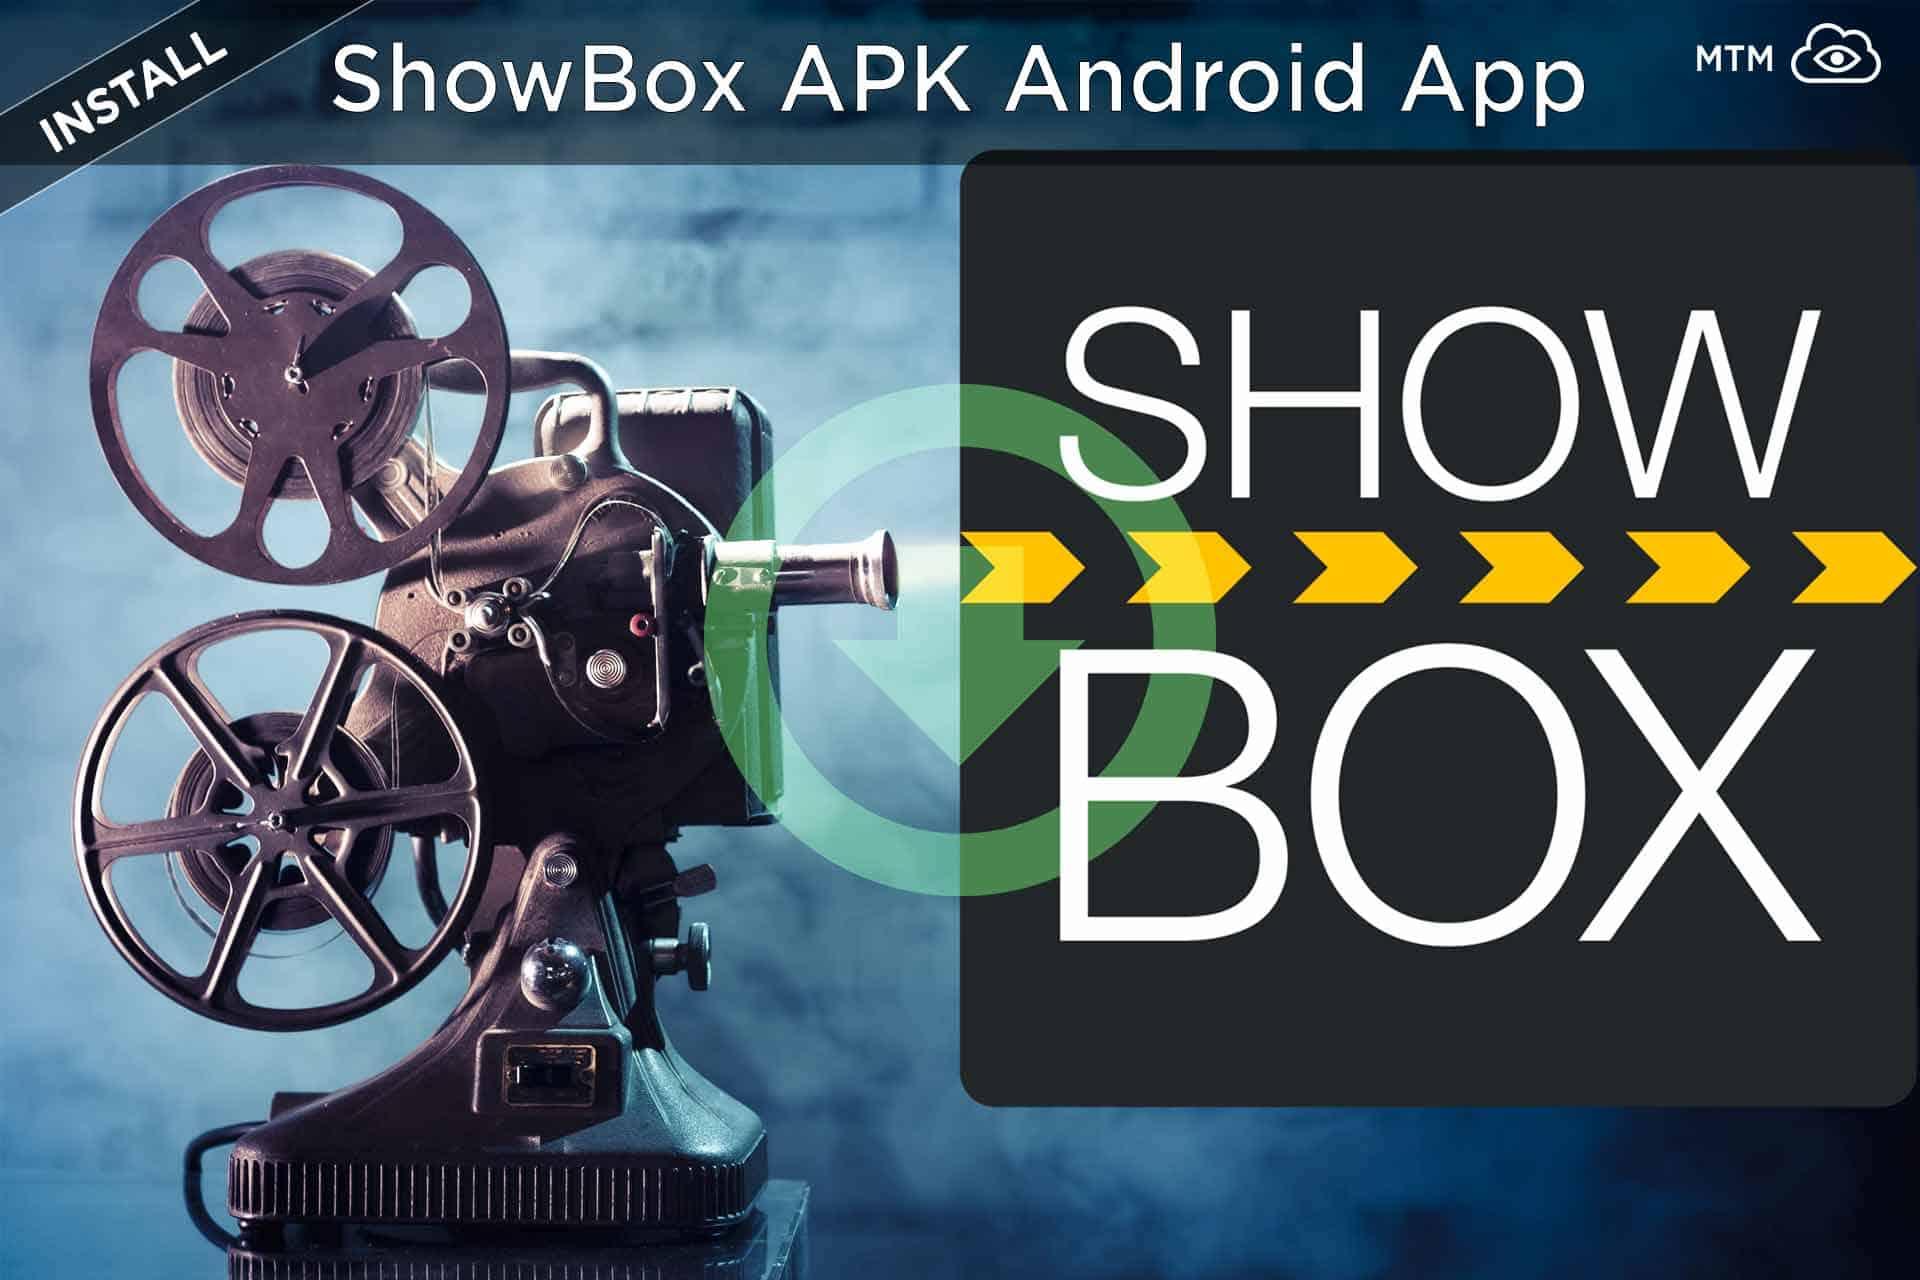 Deskargatu ShowBox Free Movies App APKrako Firestick, Android edo Windows PC instalatu